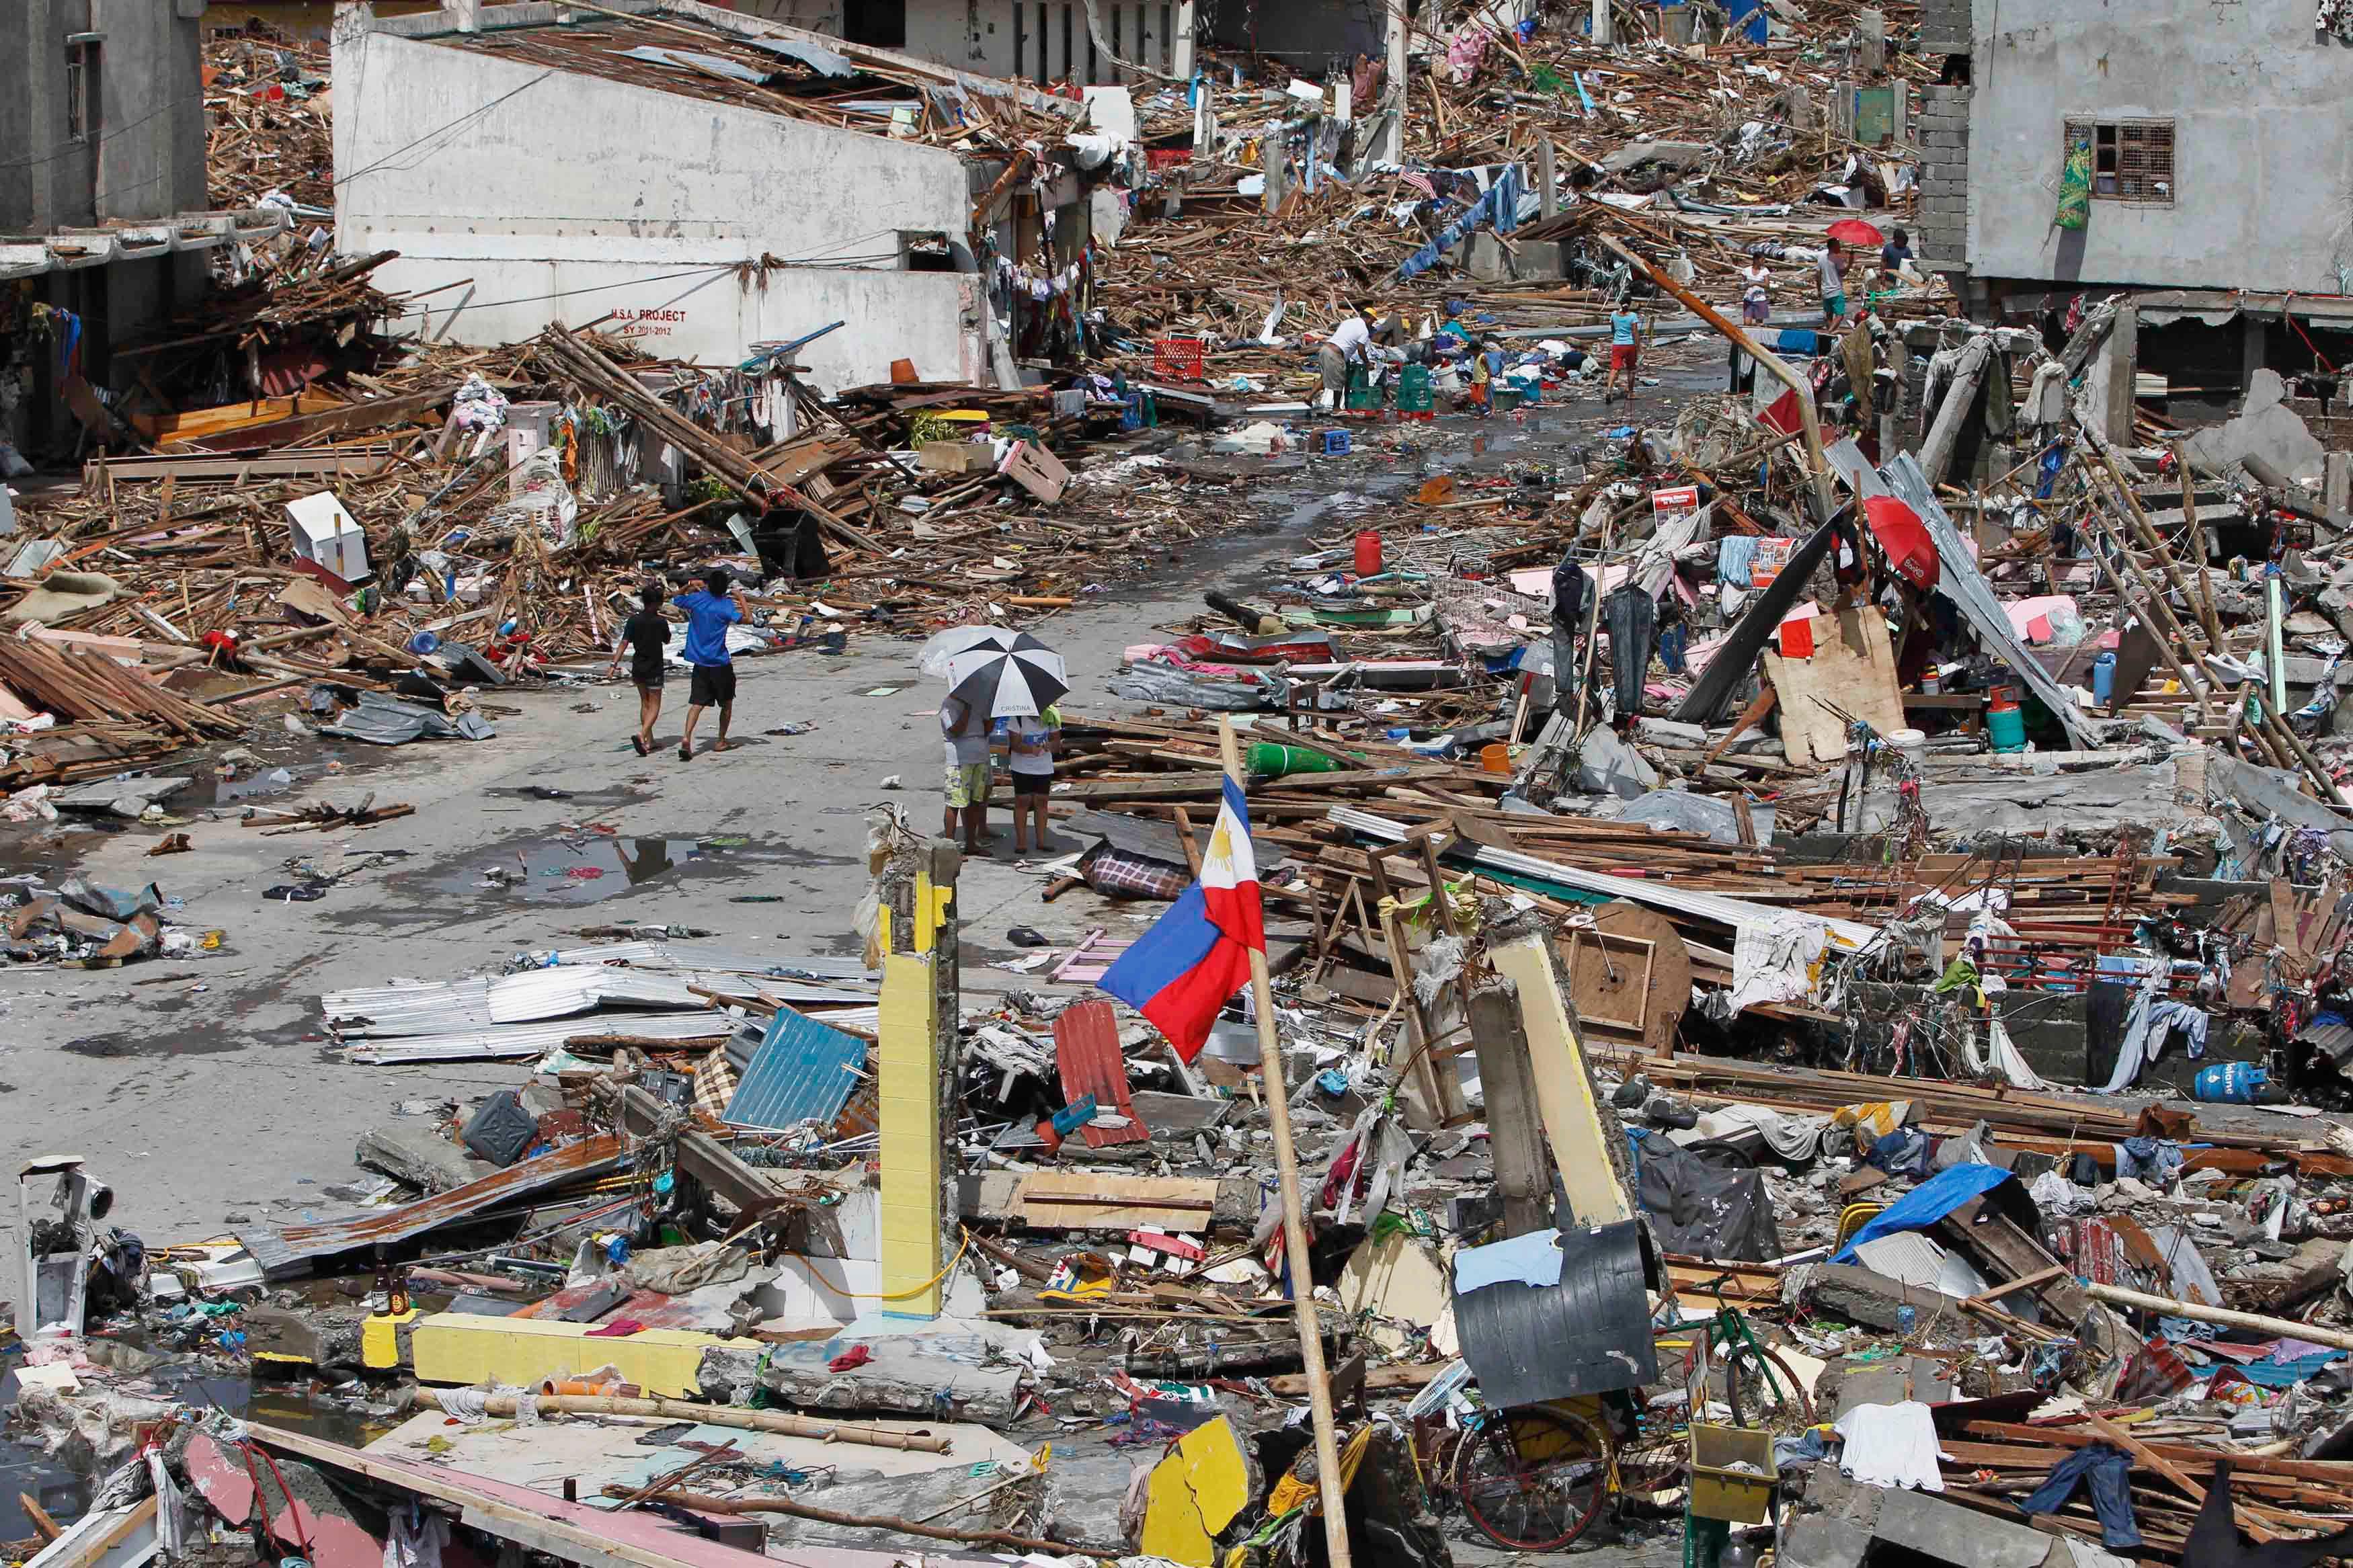 L'année a notamment été marquée par le typhon Haiyan aux Philippines, qui a coûté la vie à 7 000 personnes